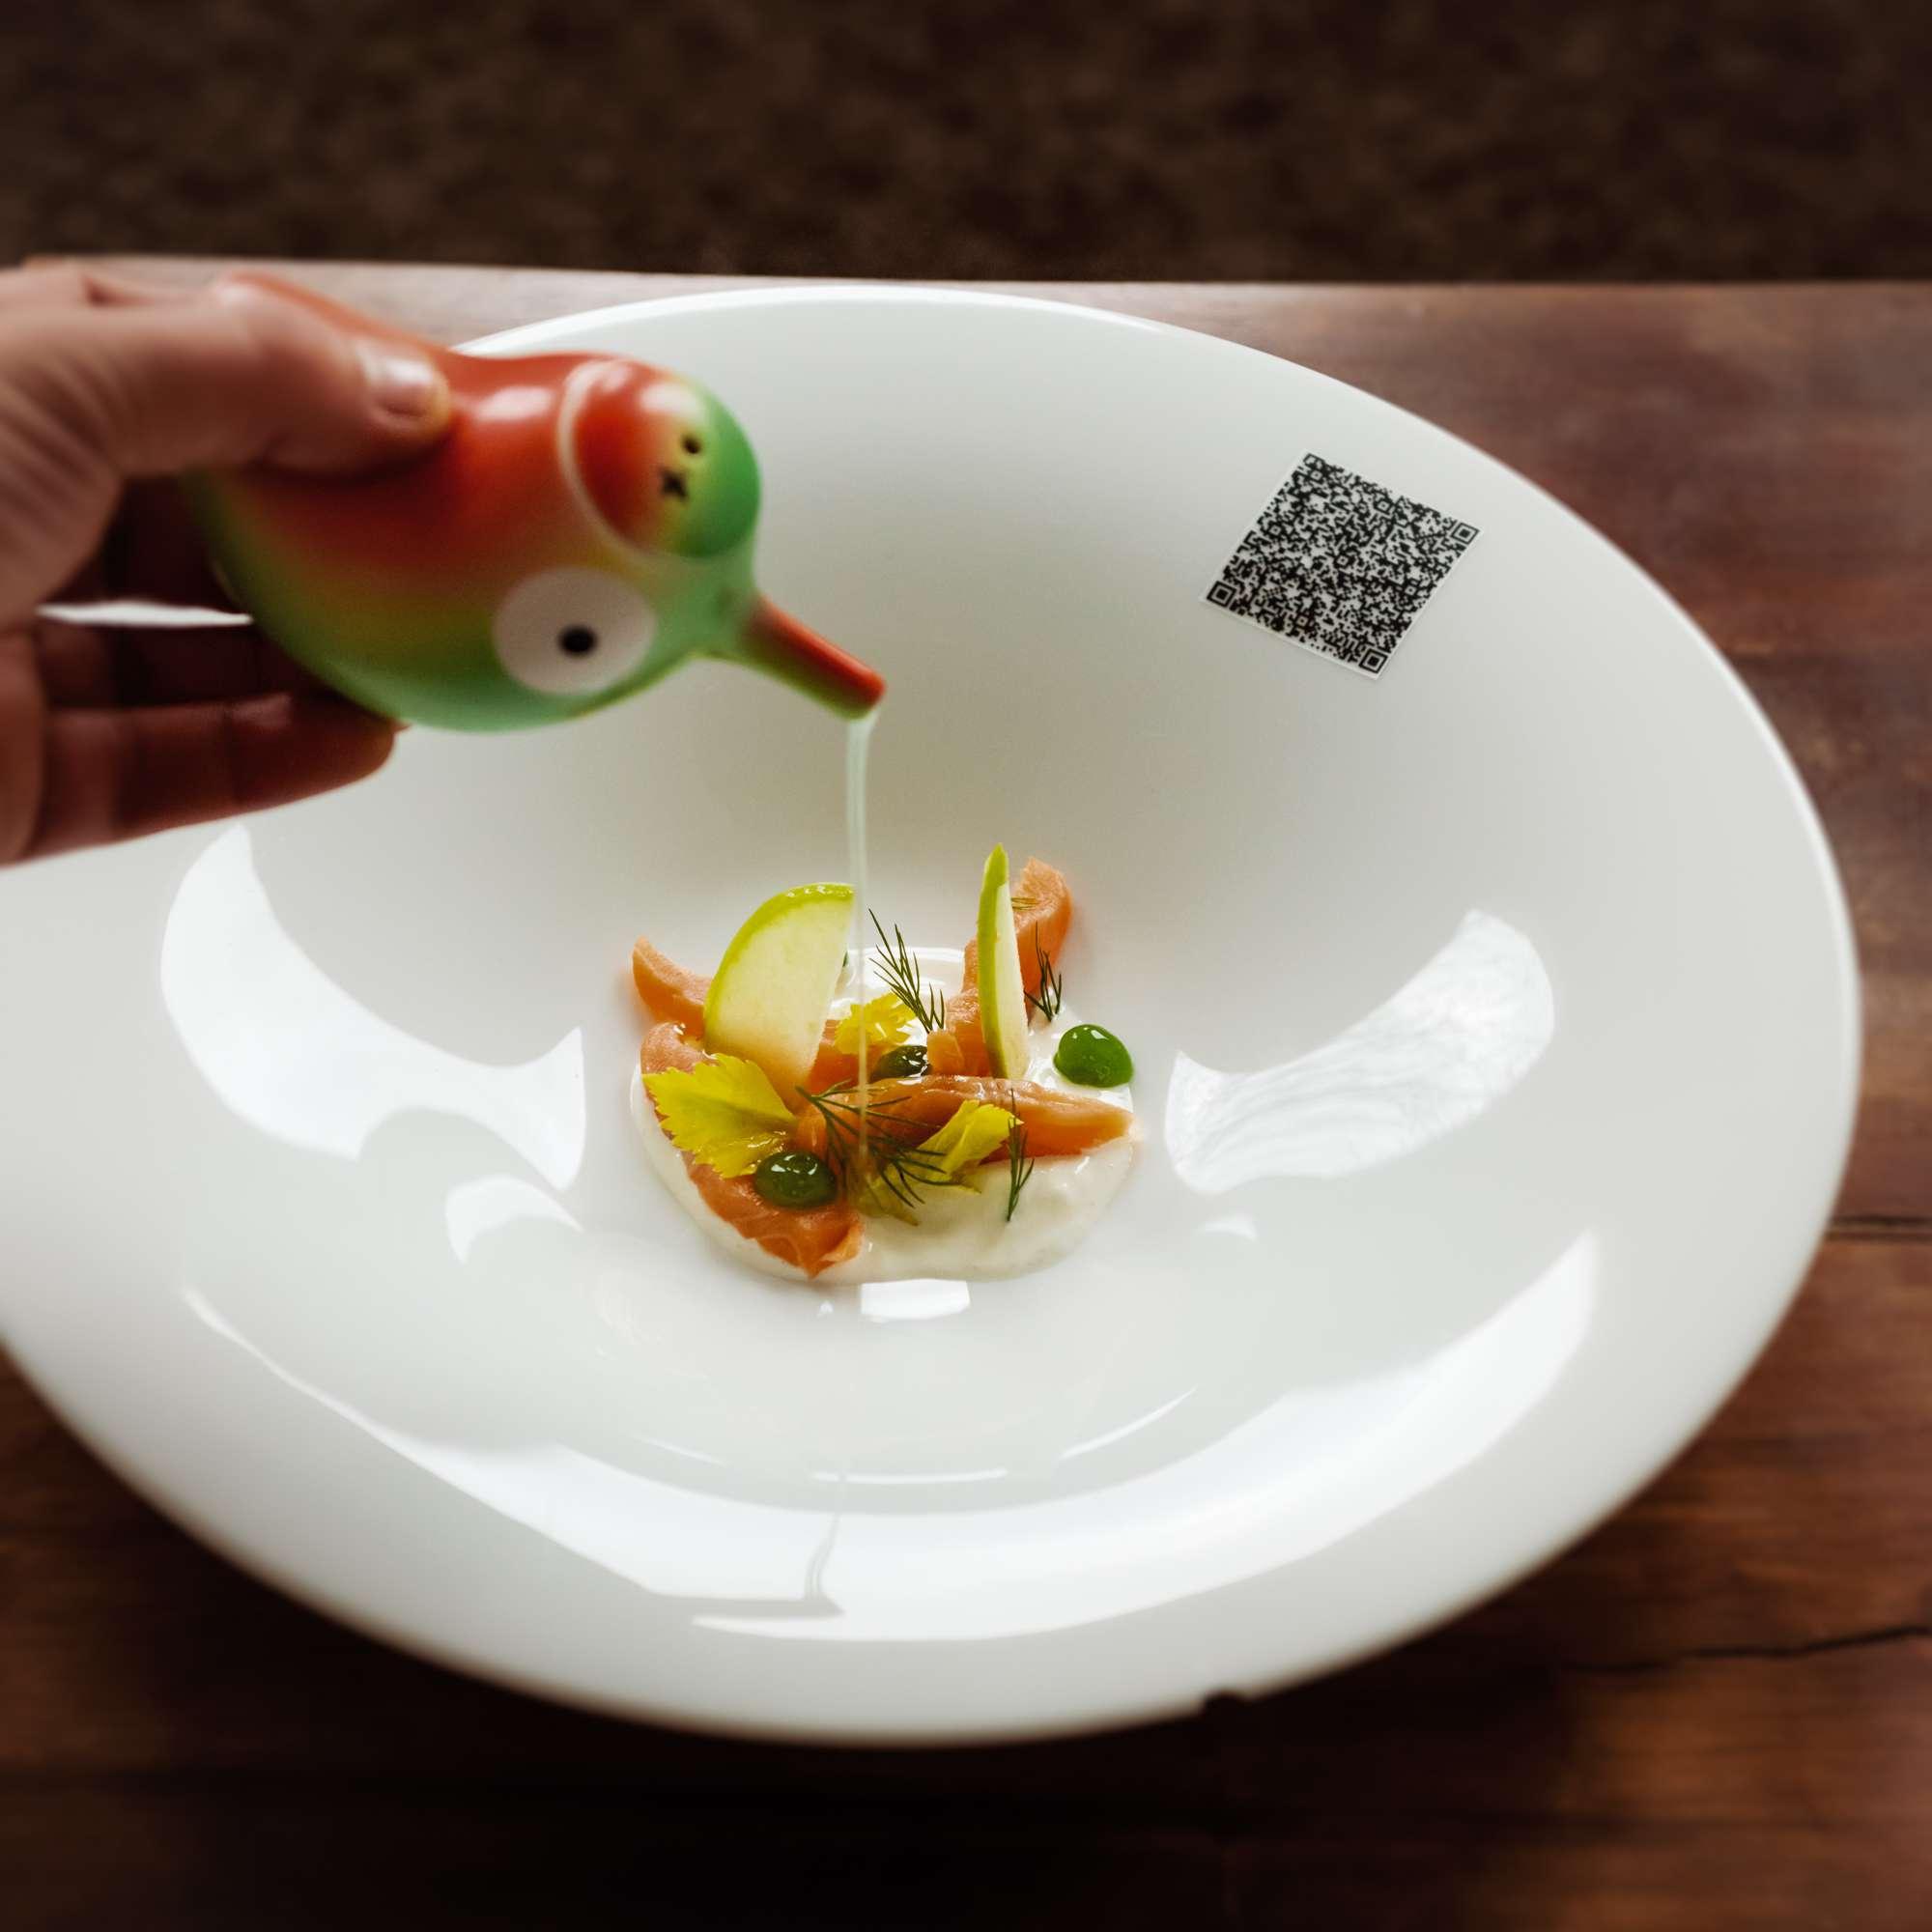 Saibling nach Matjes-Art mit Apfel-Sellerie-Saft und Anisjoghurt